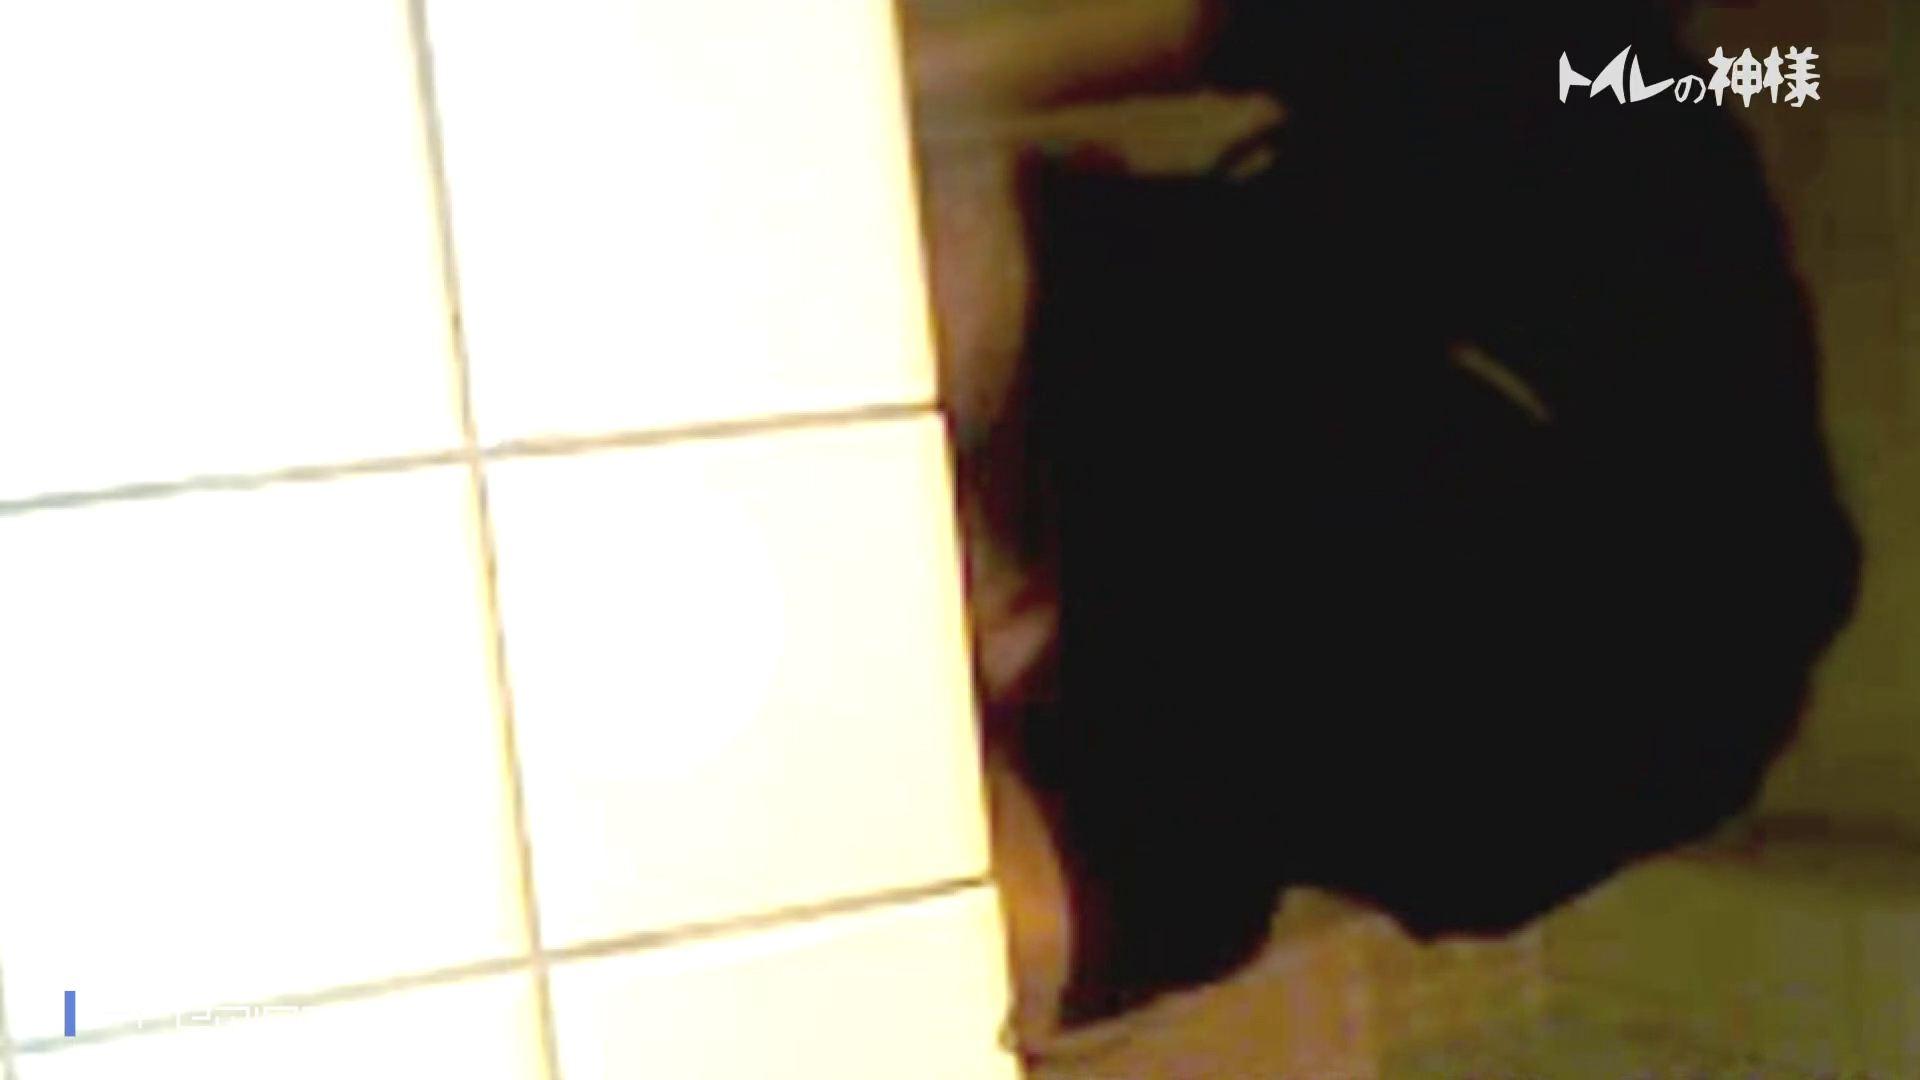 kyouko排泄 うんこをたくさん集めました。トイレの神様 Vol.14 細身体型  92枚 30